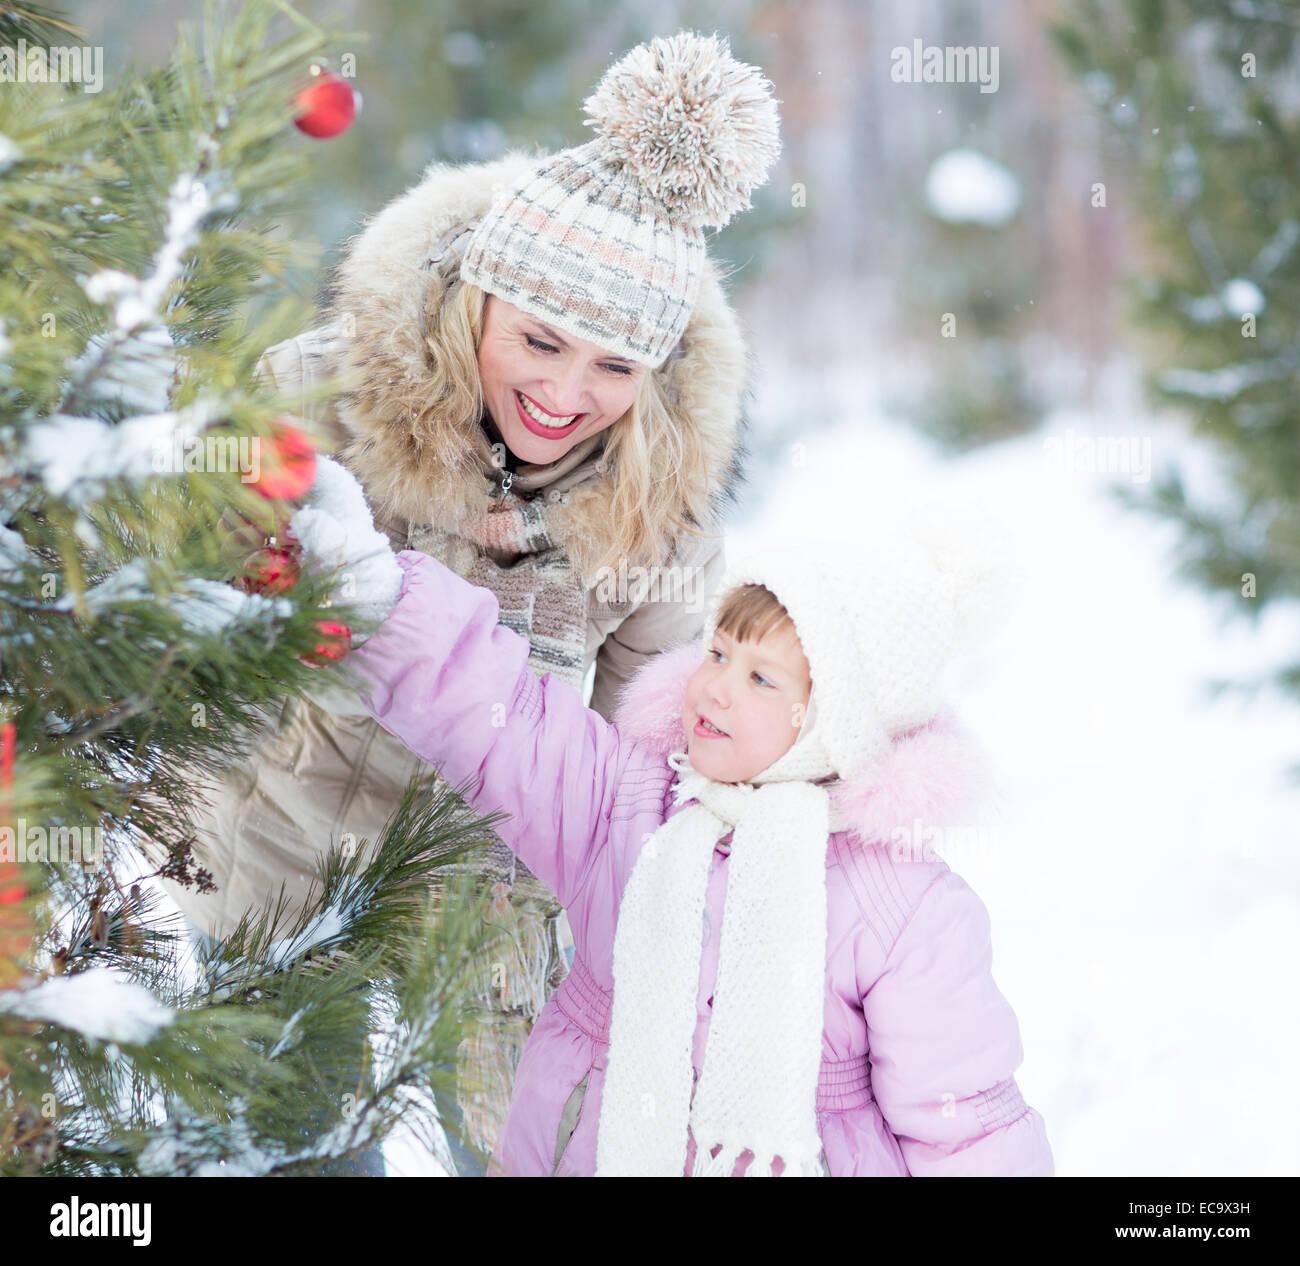 Famille heureuse Mère et enfant jouant avec une décoration d'arbre de Noël Photo Stock